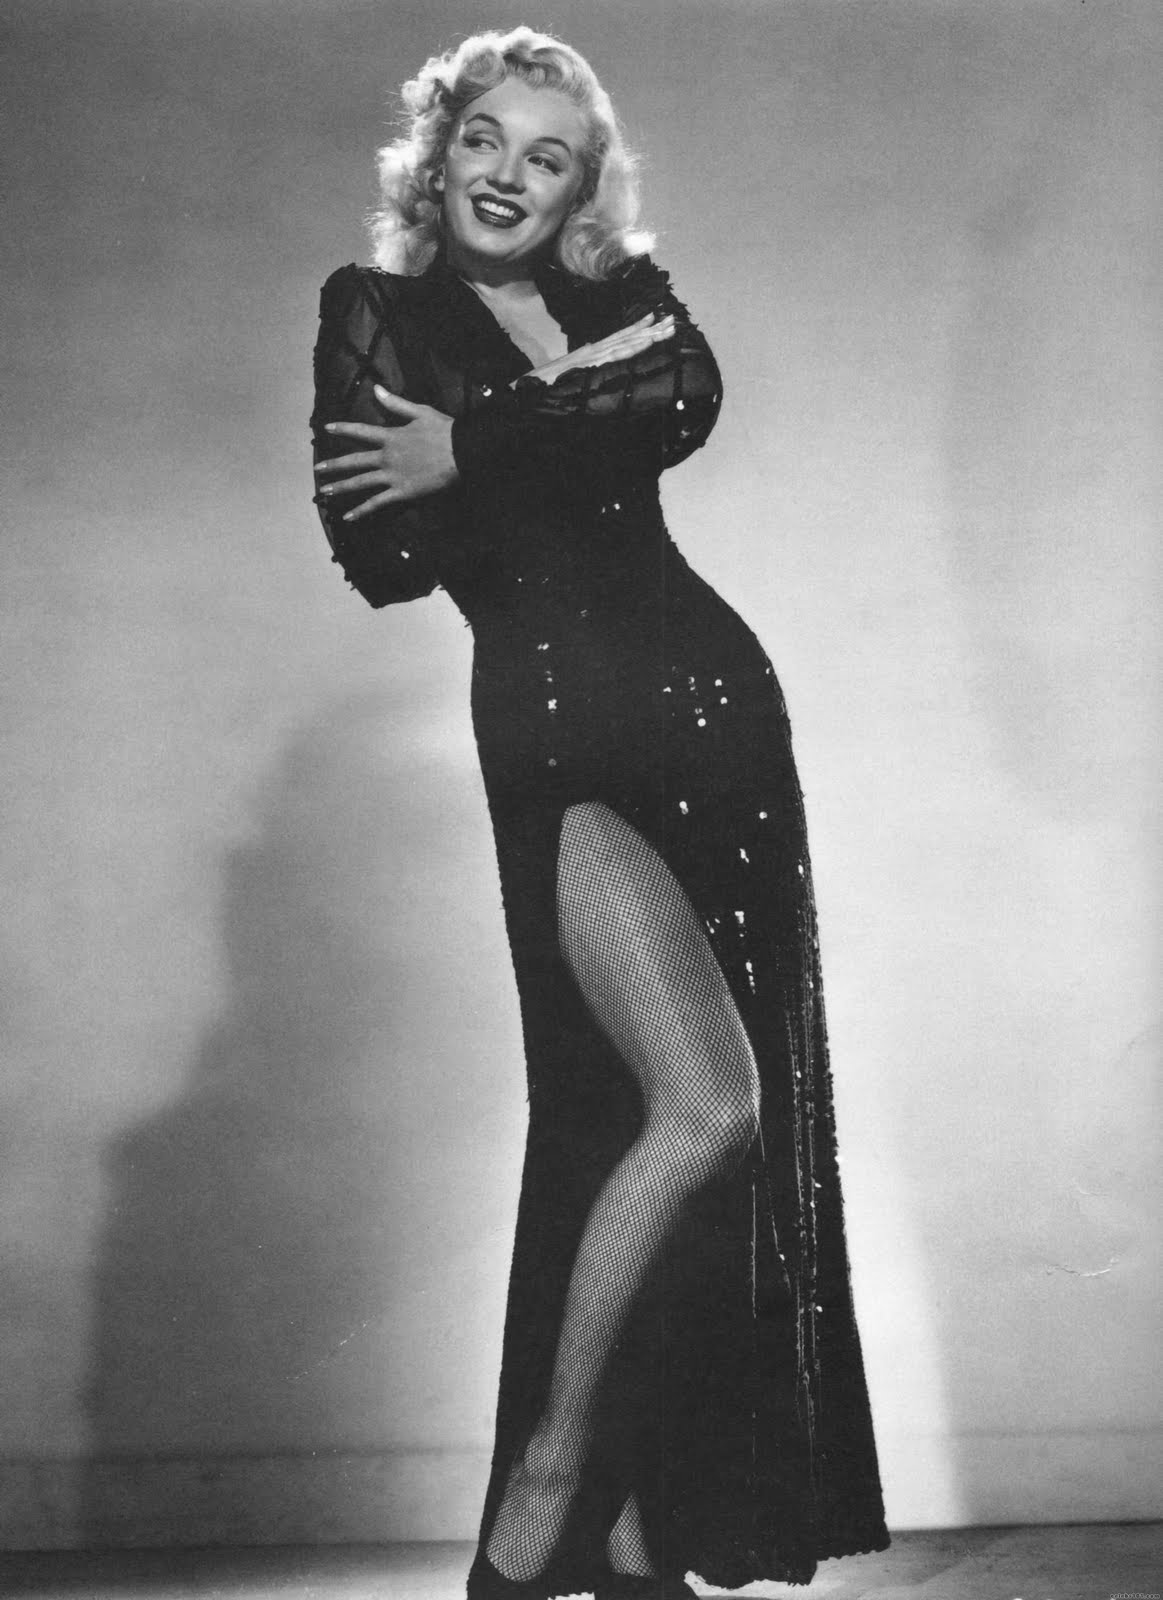 http://1.bp.blogspot.com/-1gc80ciEG2I/TfJ5qXGHdsI/AAAAAAAAFrM/BHnm7ka2Fpc/s1600/Marilyn+Monroe+70.jpg